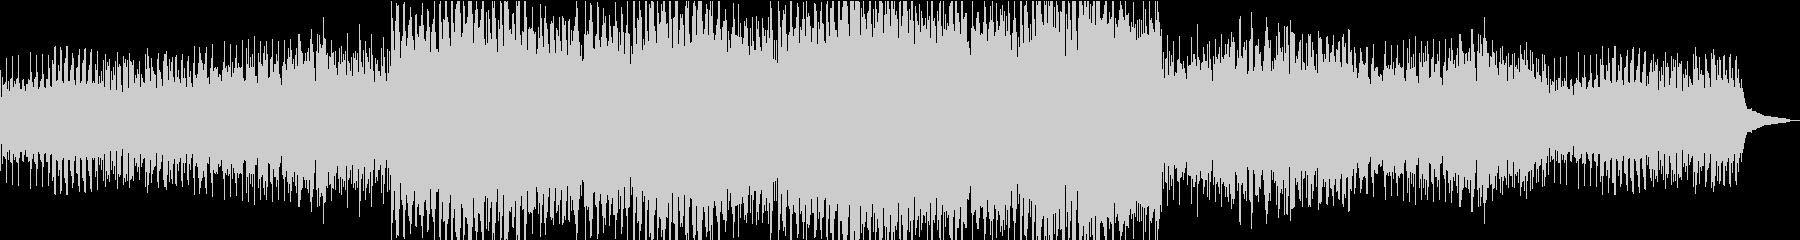 現代的 交響曲 エピック ファンタ...の未再生の波形